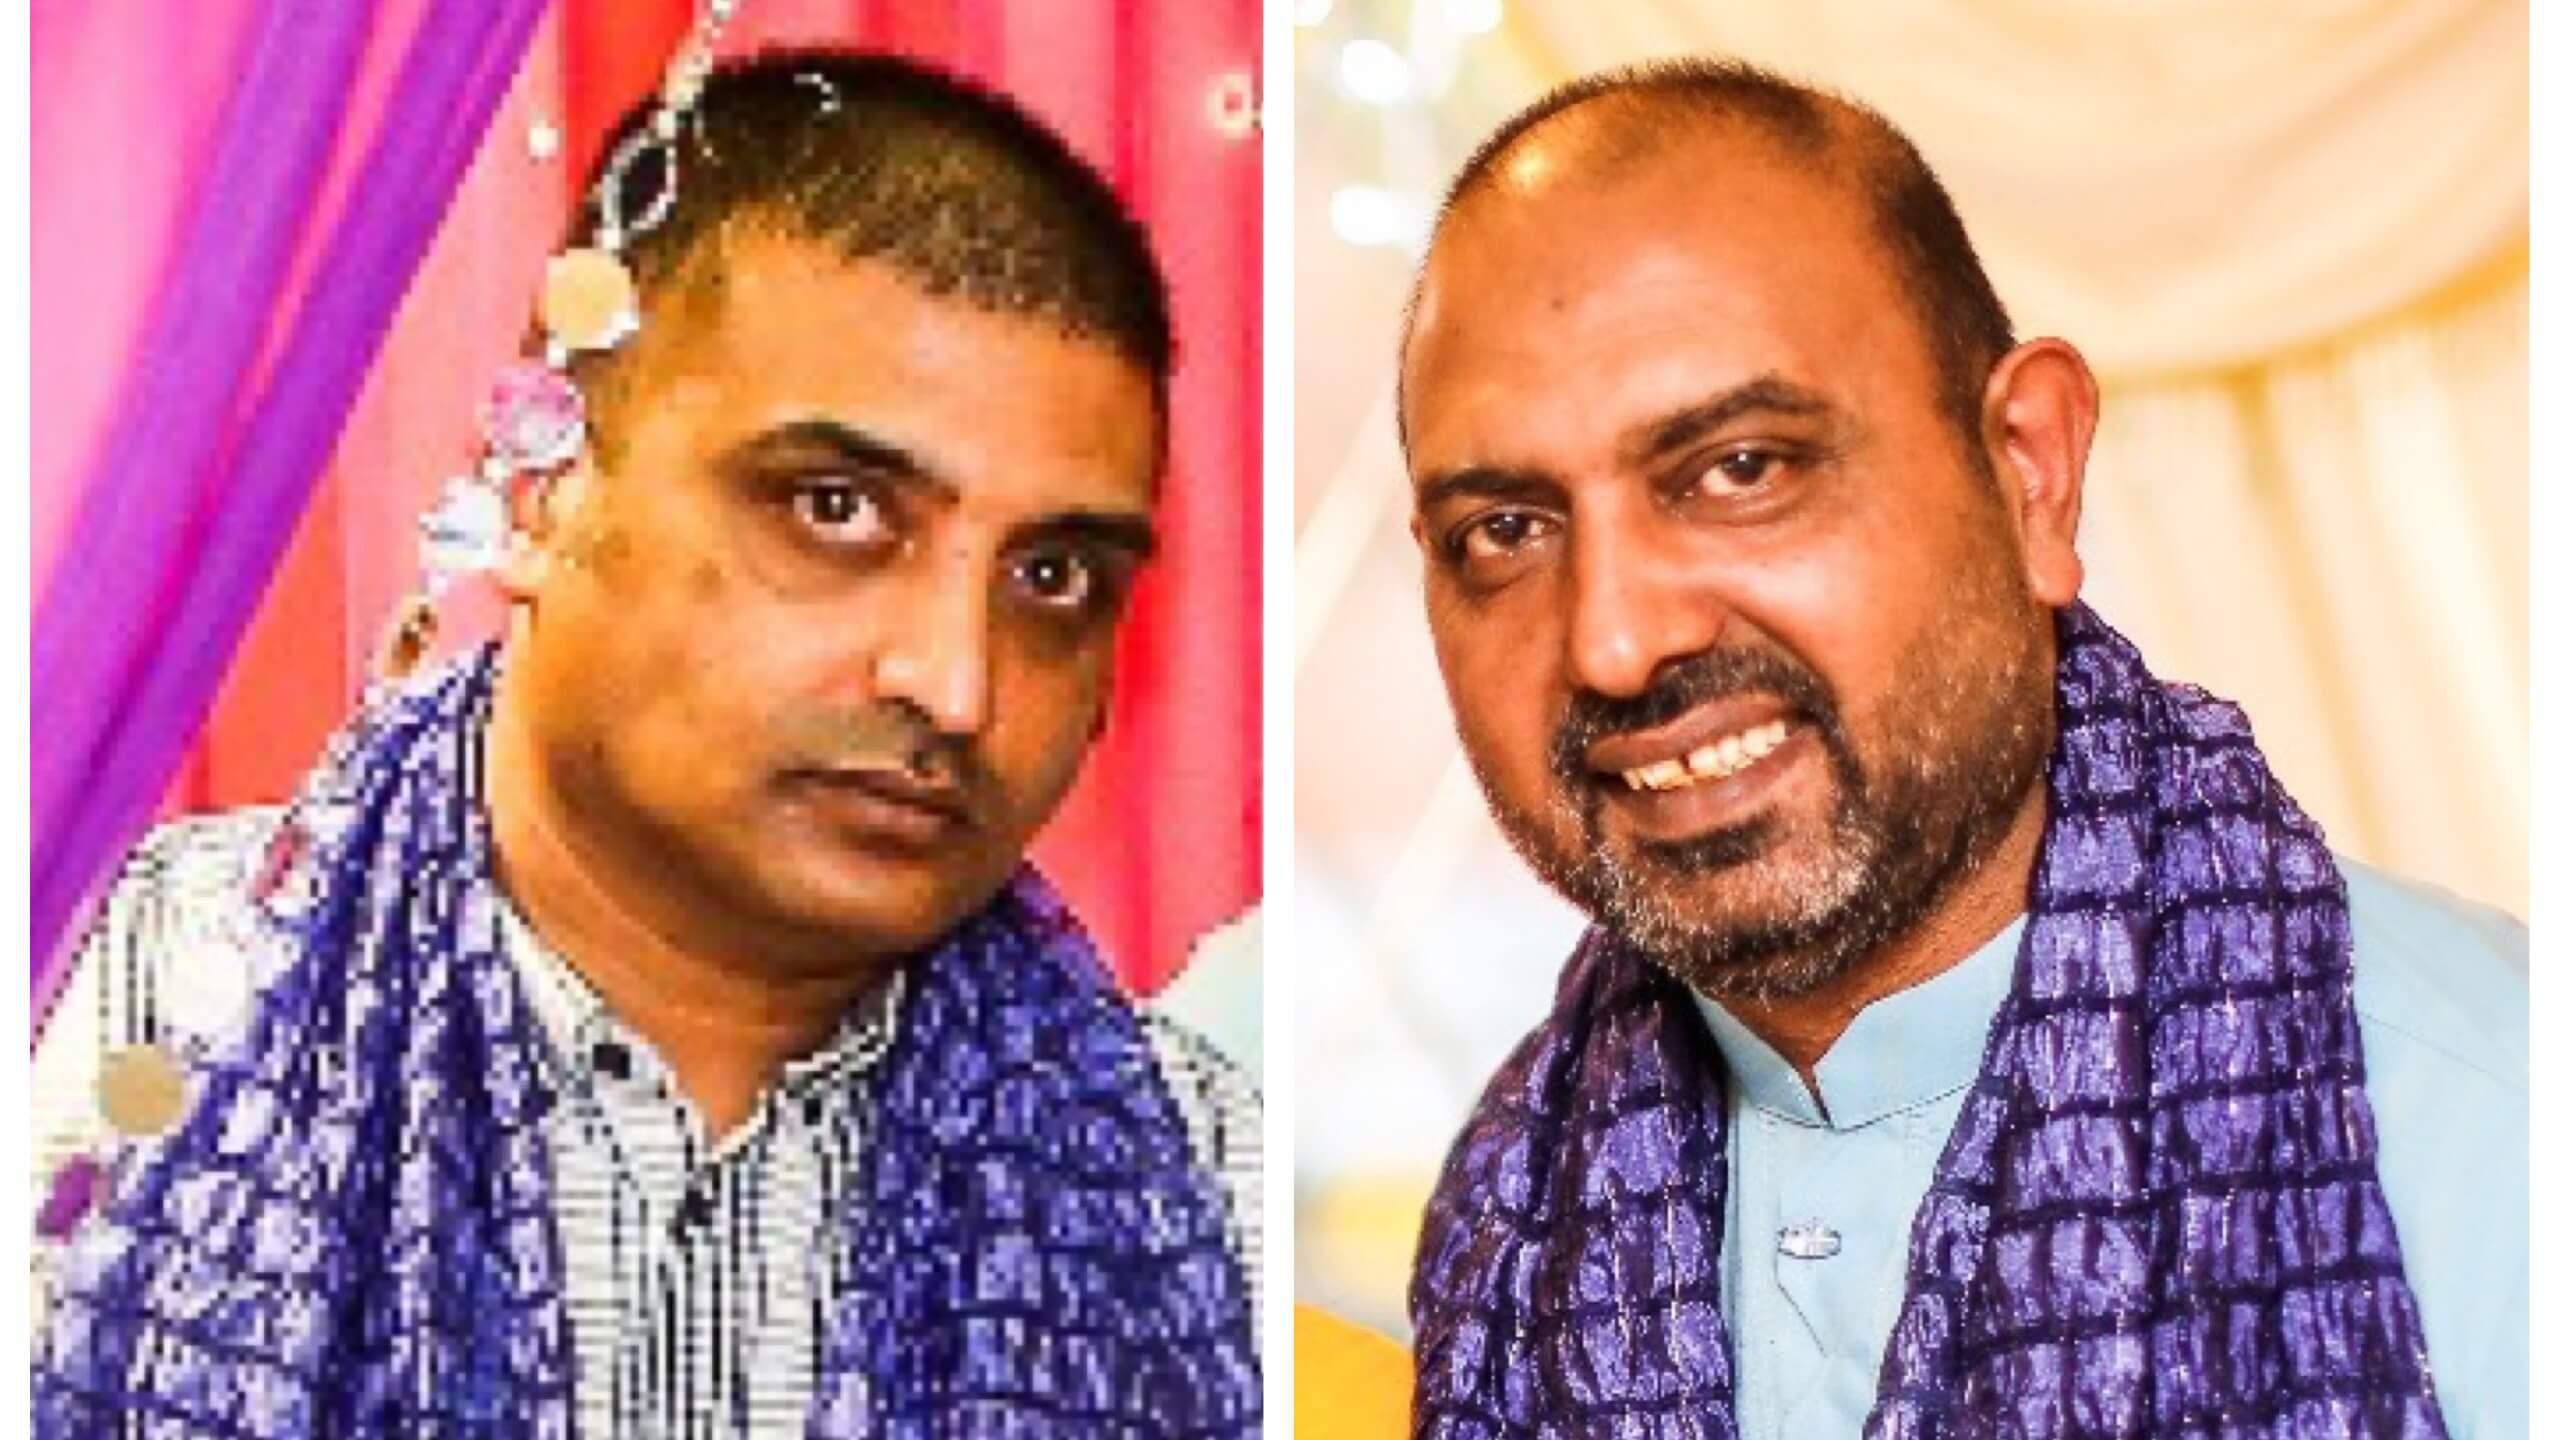 برطانیہ میں دو پاکستانی بھائی کورونا سے جاں بحق